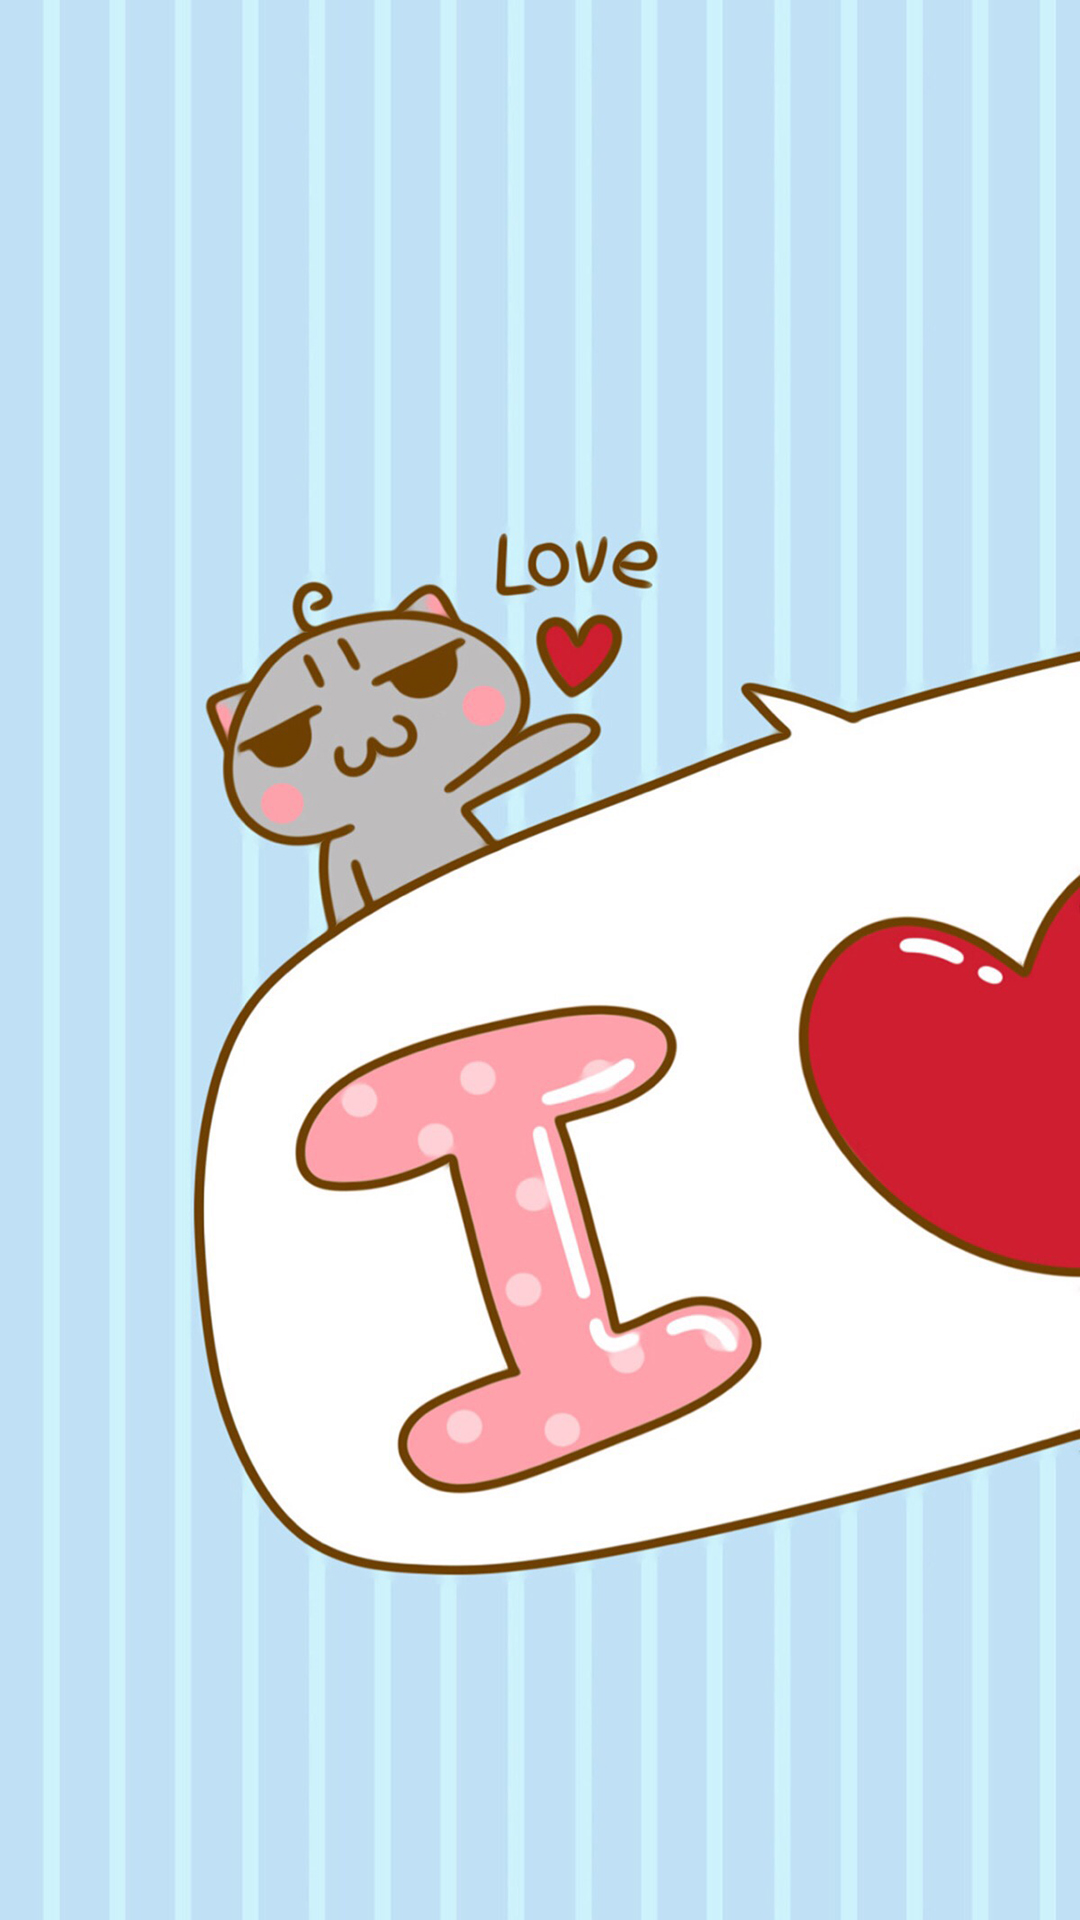 超可爱卡通少女心简约插画女生好看的手机锁屏壁纸图片